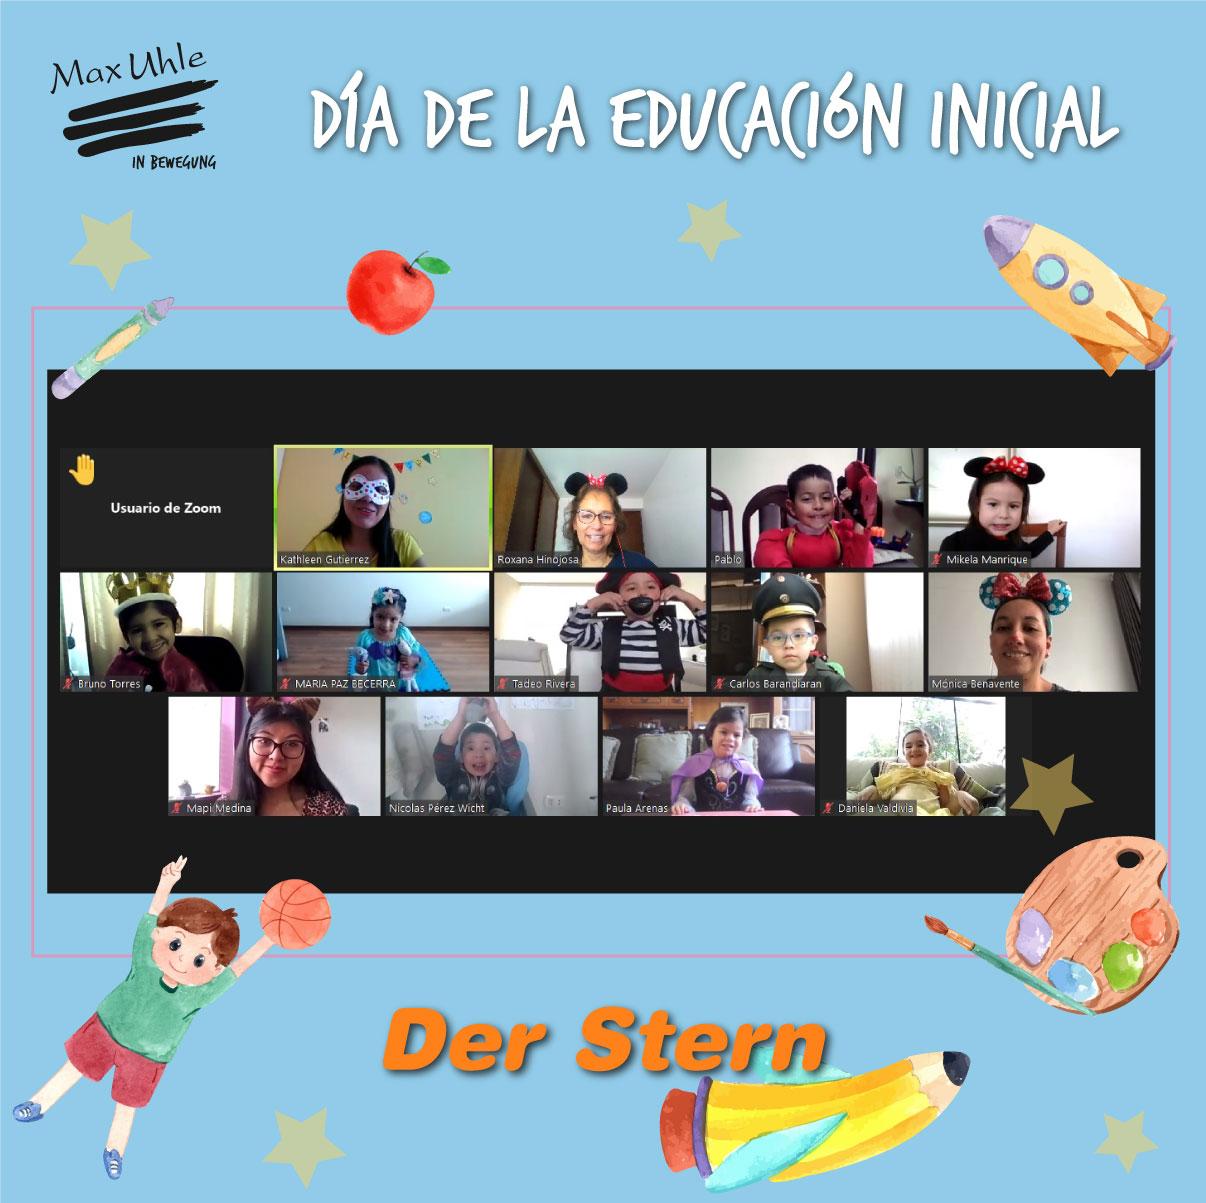 Der Stern 3 Día de la Educación Inicial